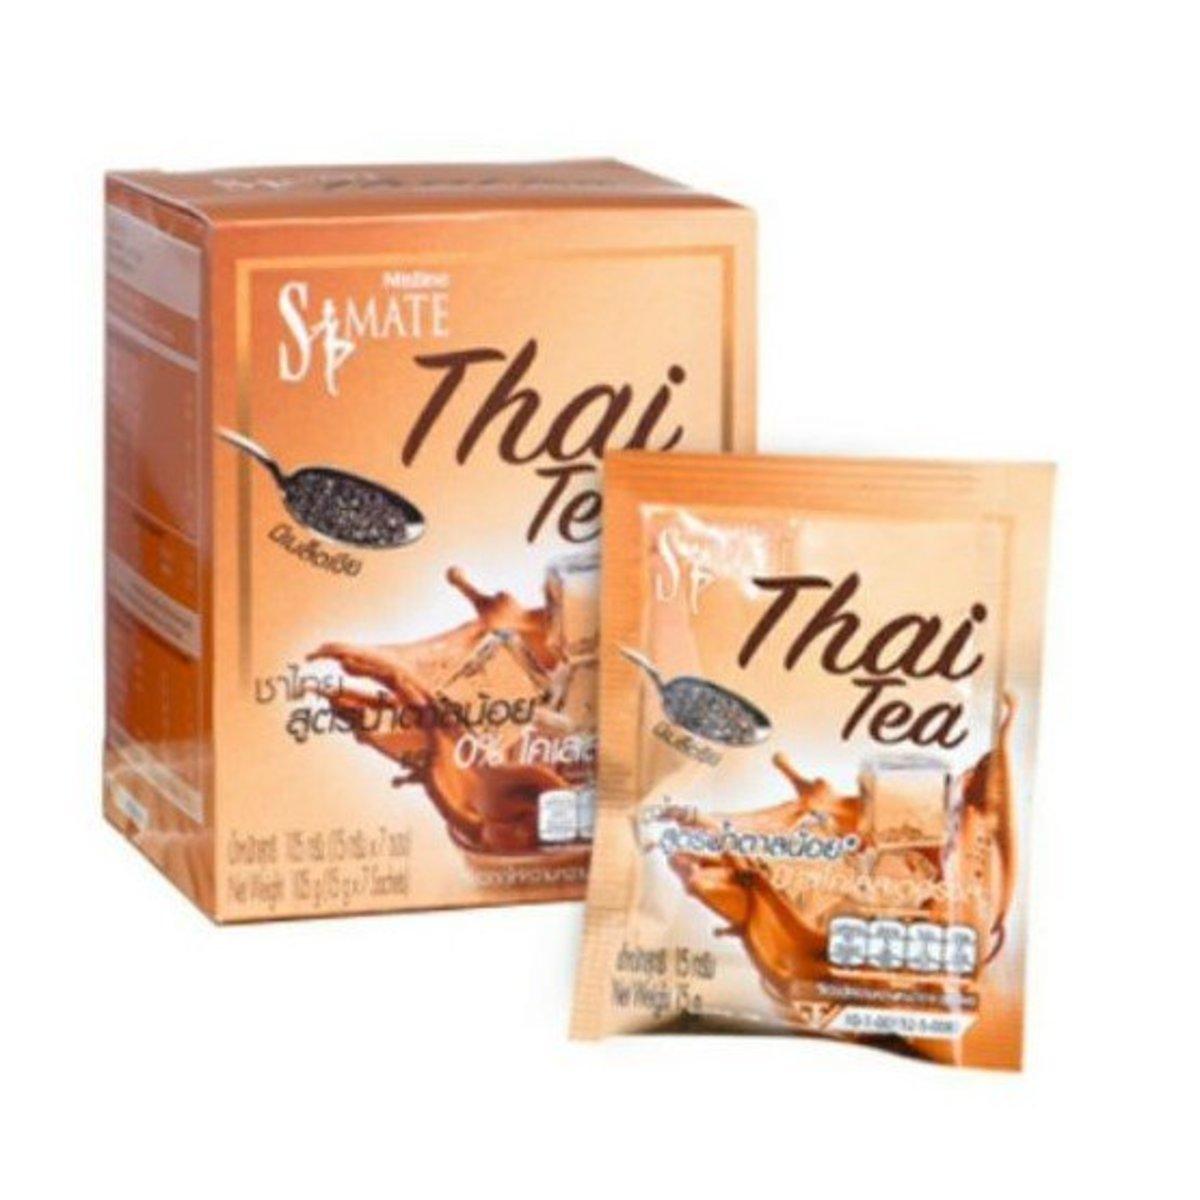 Mistine S mate 泰國茶